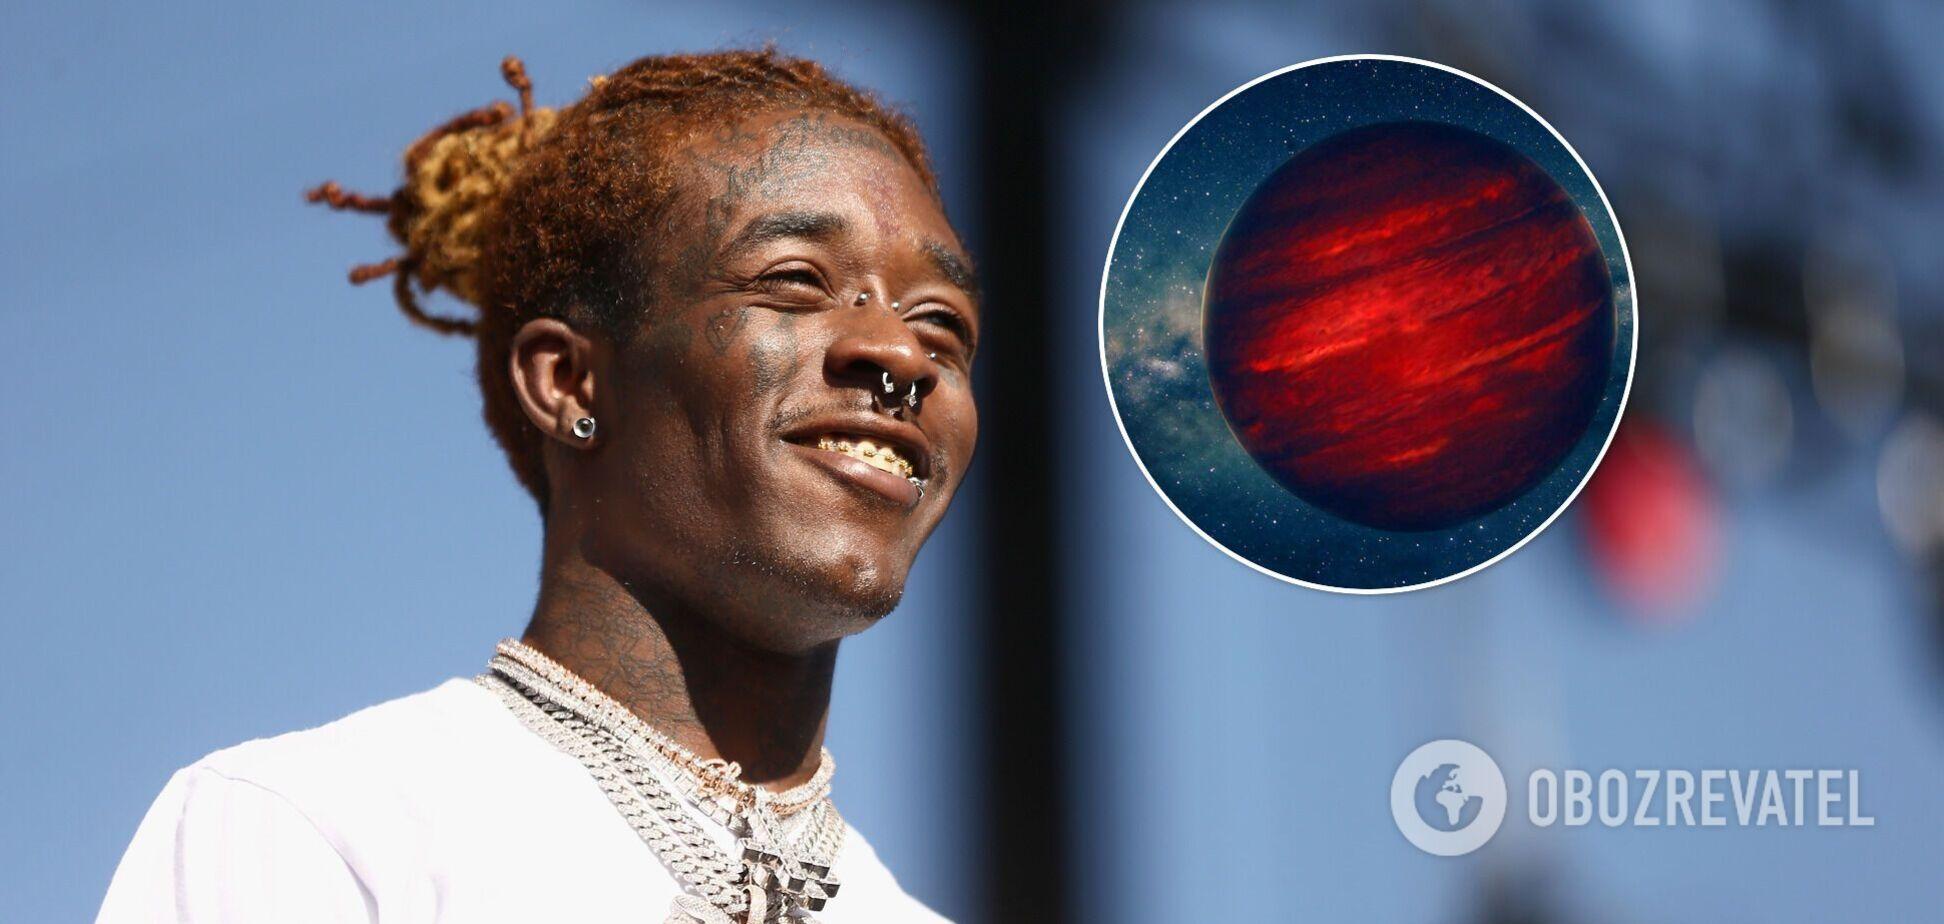 Известный американский рэпер купил экзопланету